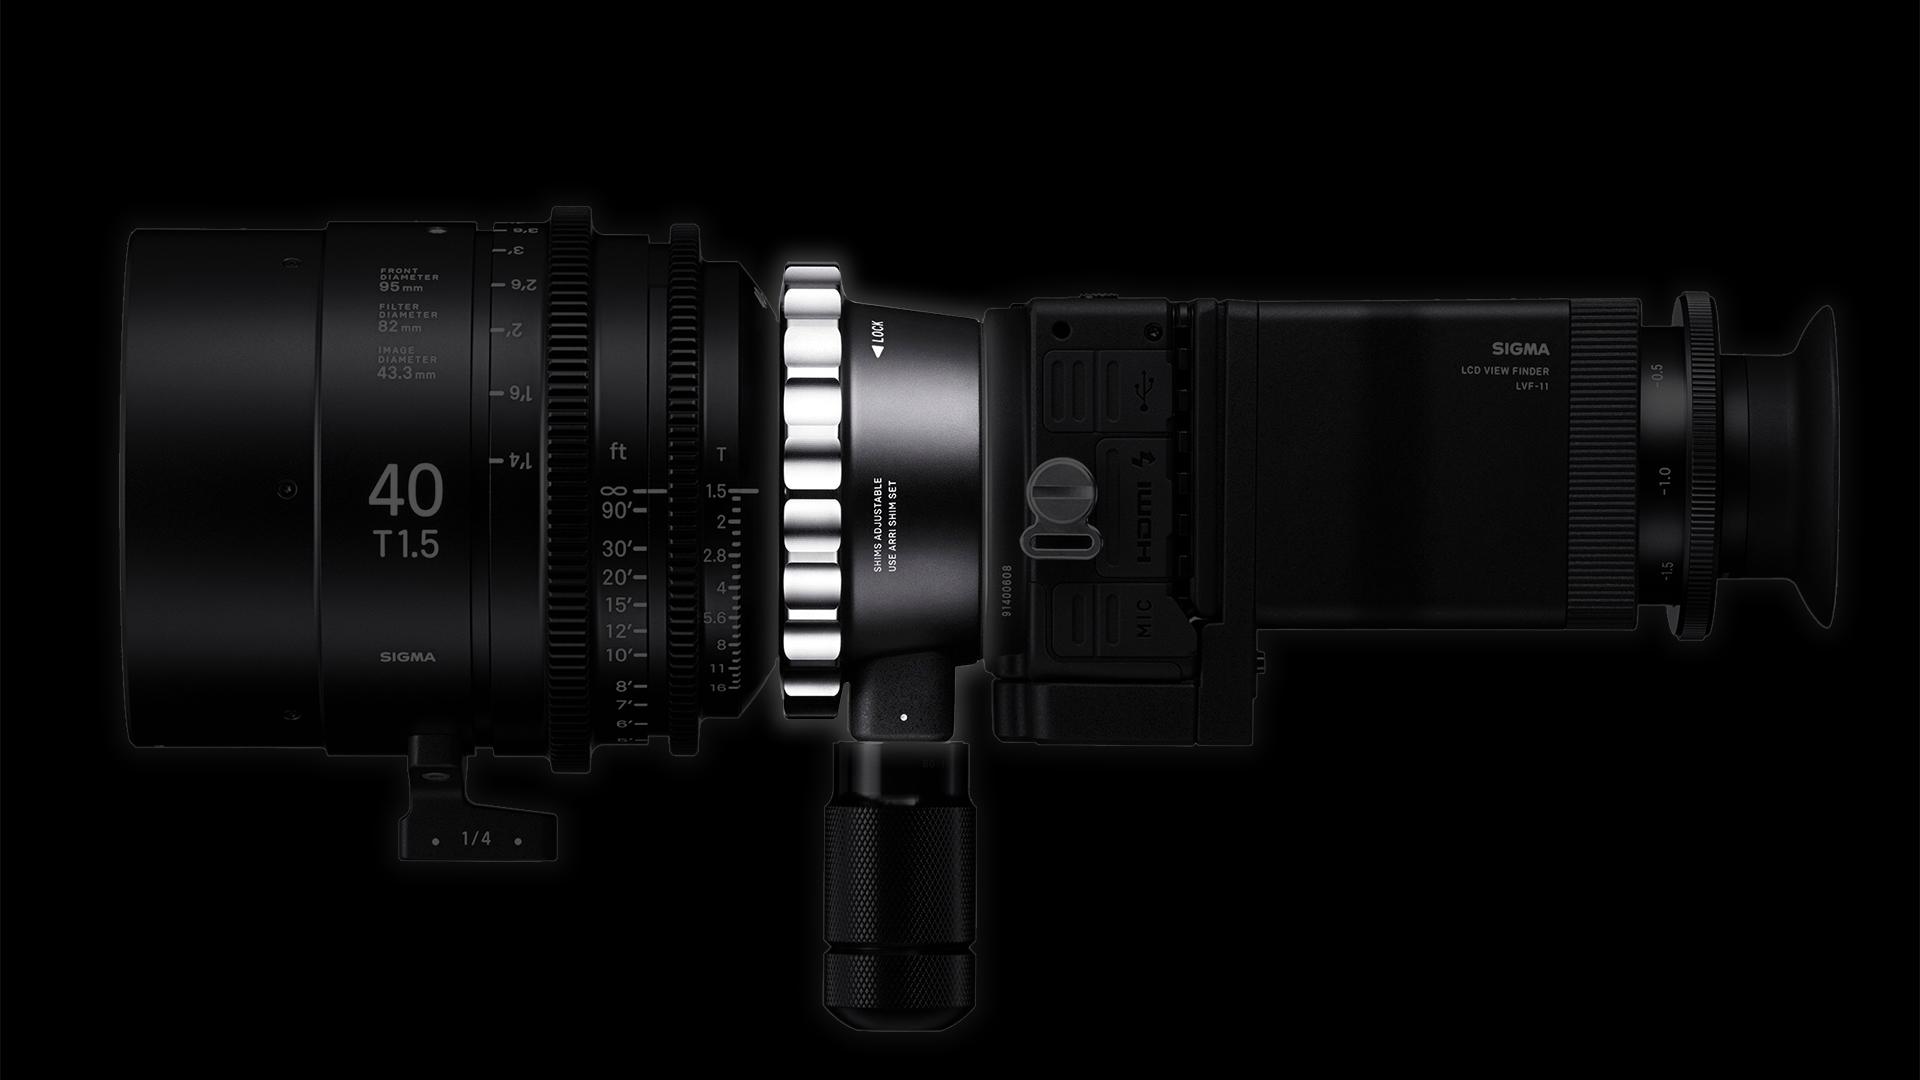 シグマ PL-Lマウントコンバーター - LマウントカメラでPLレンズを使用可能